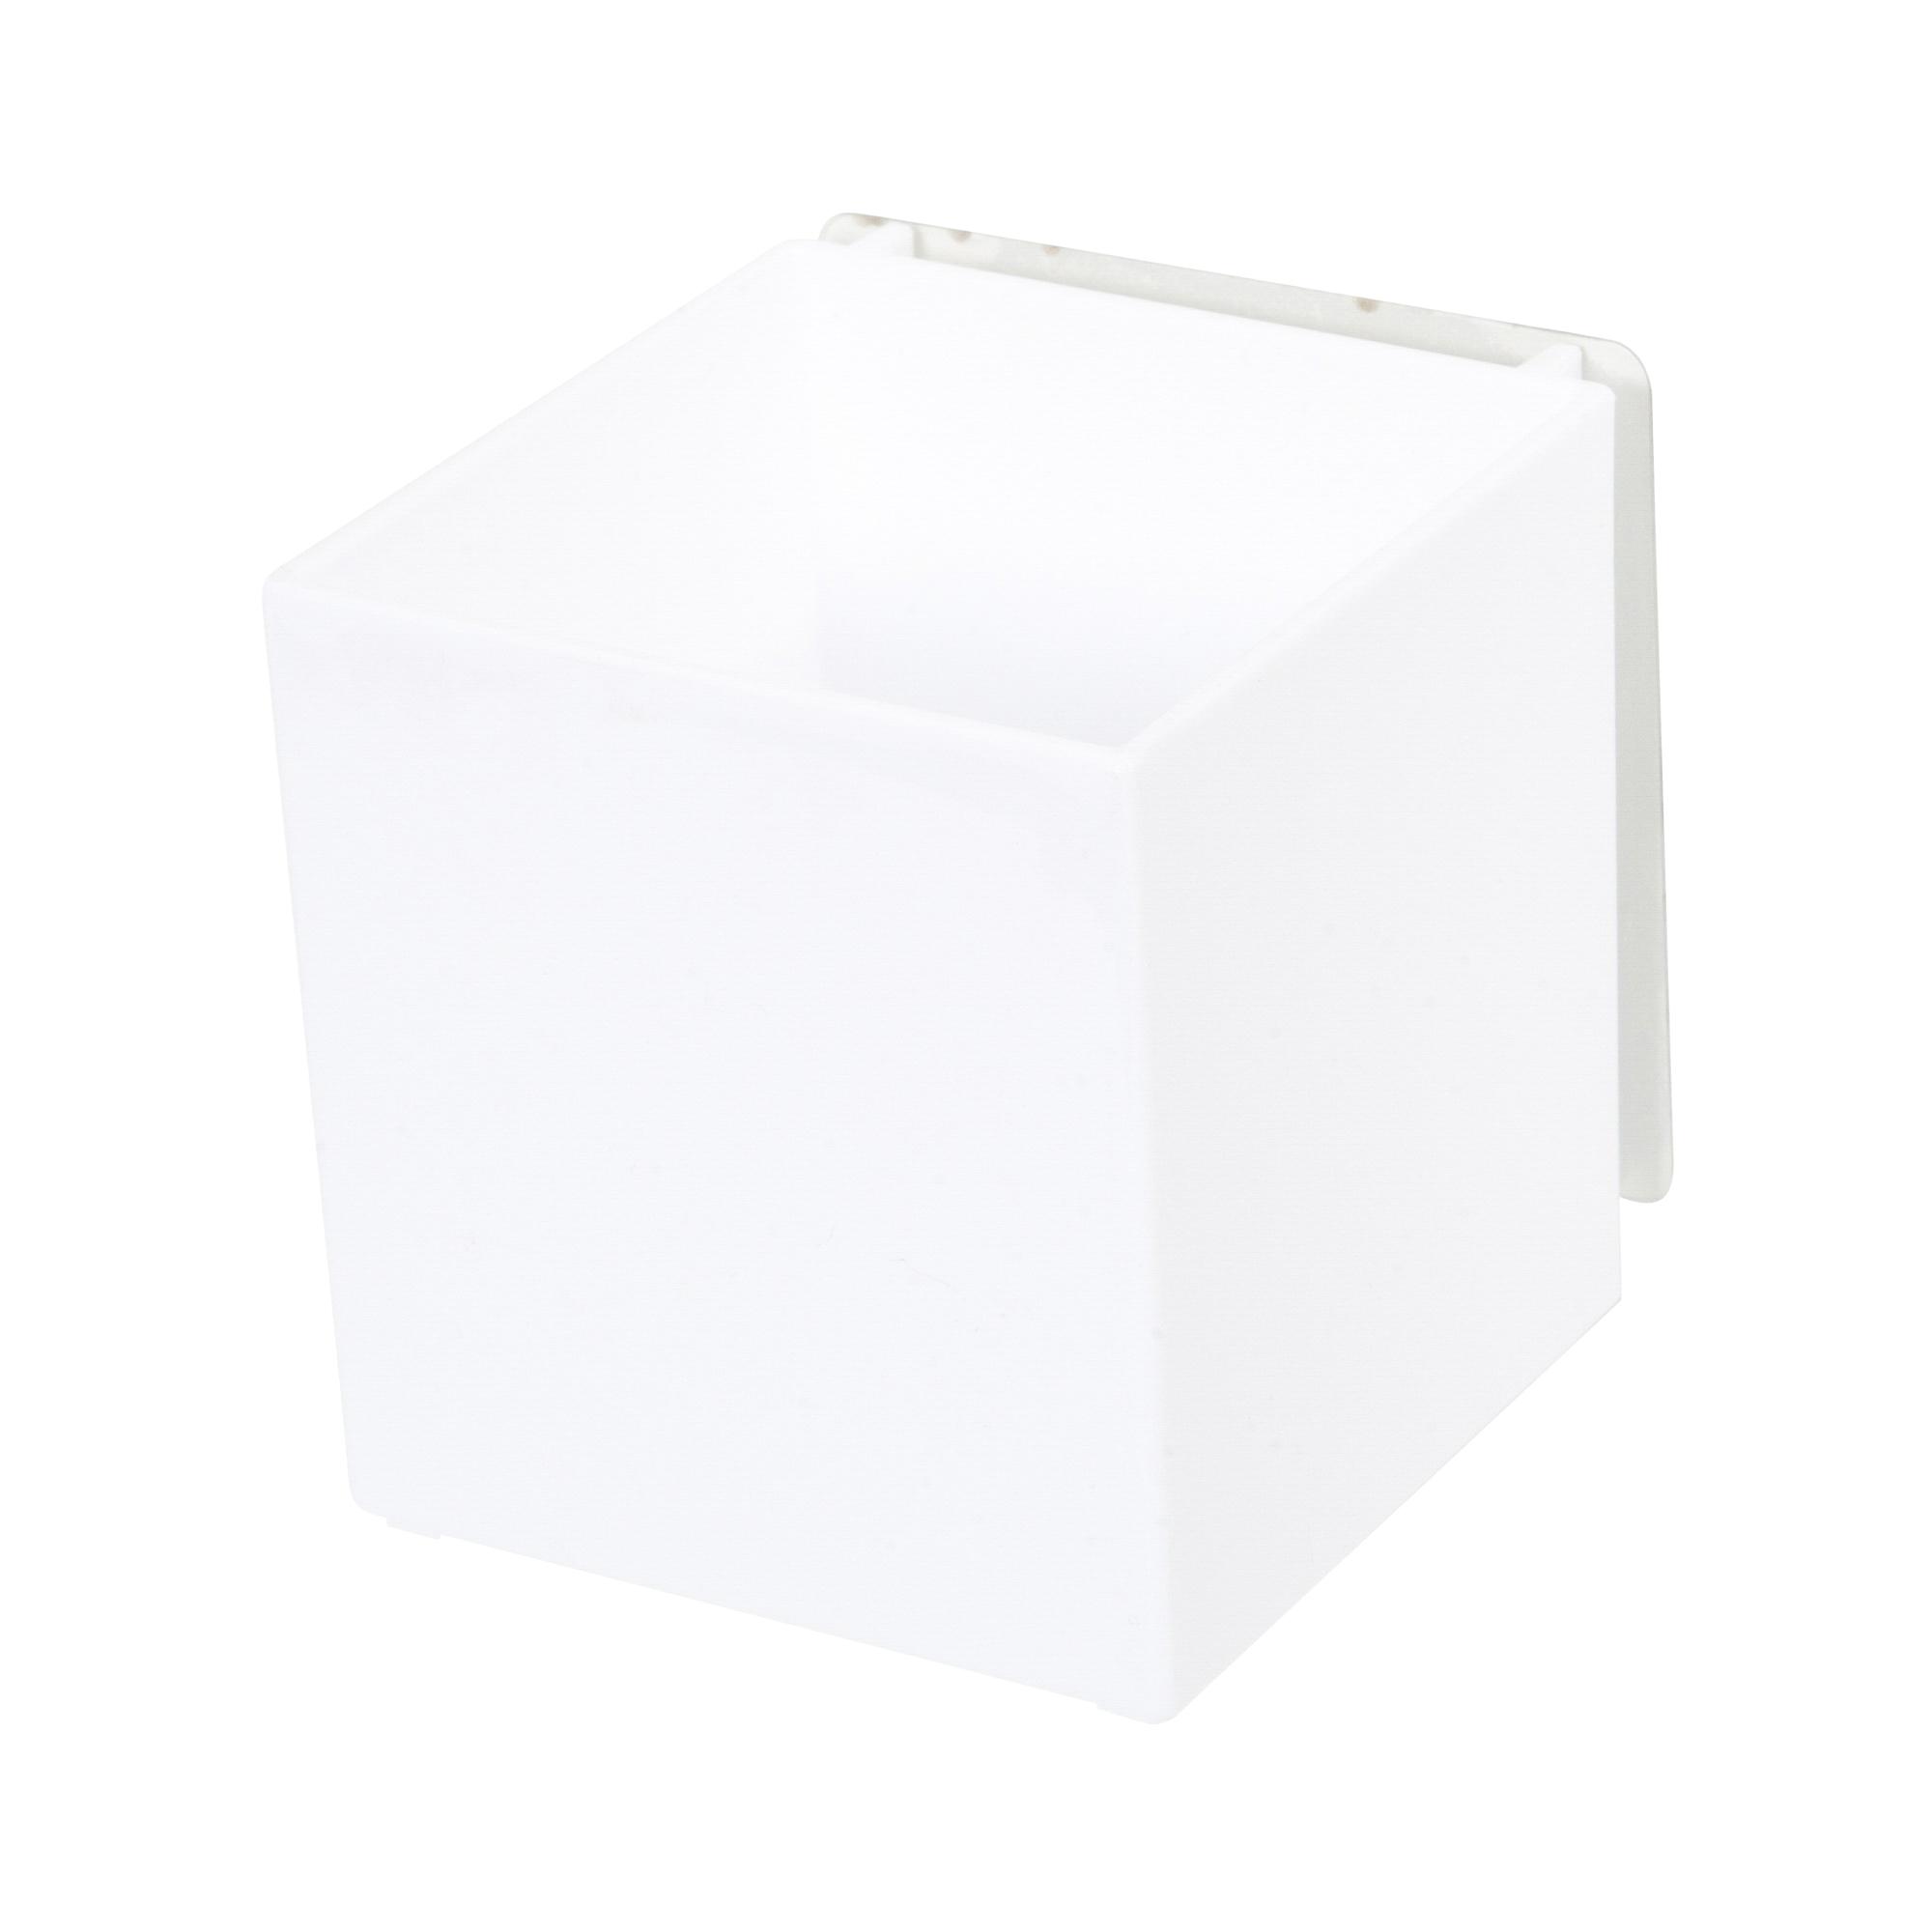 Boîte de rangement auto-adhésive